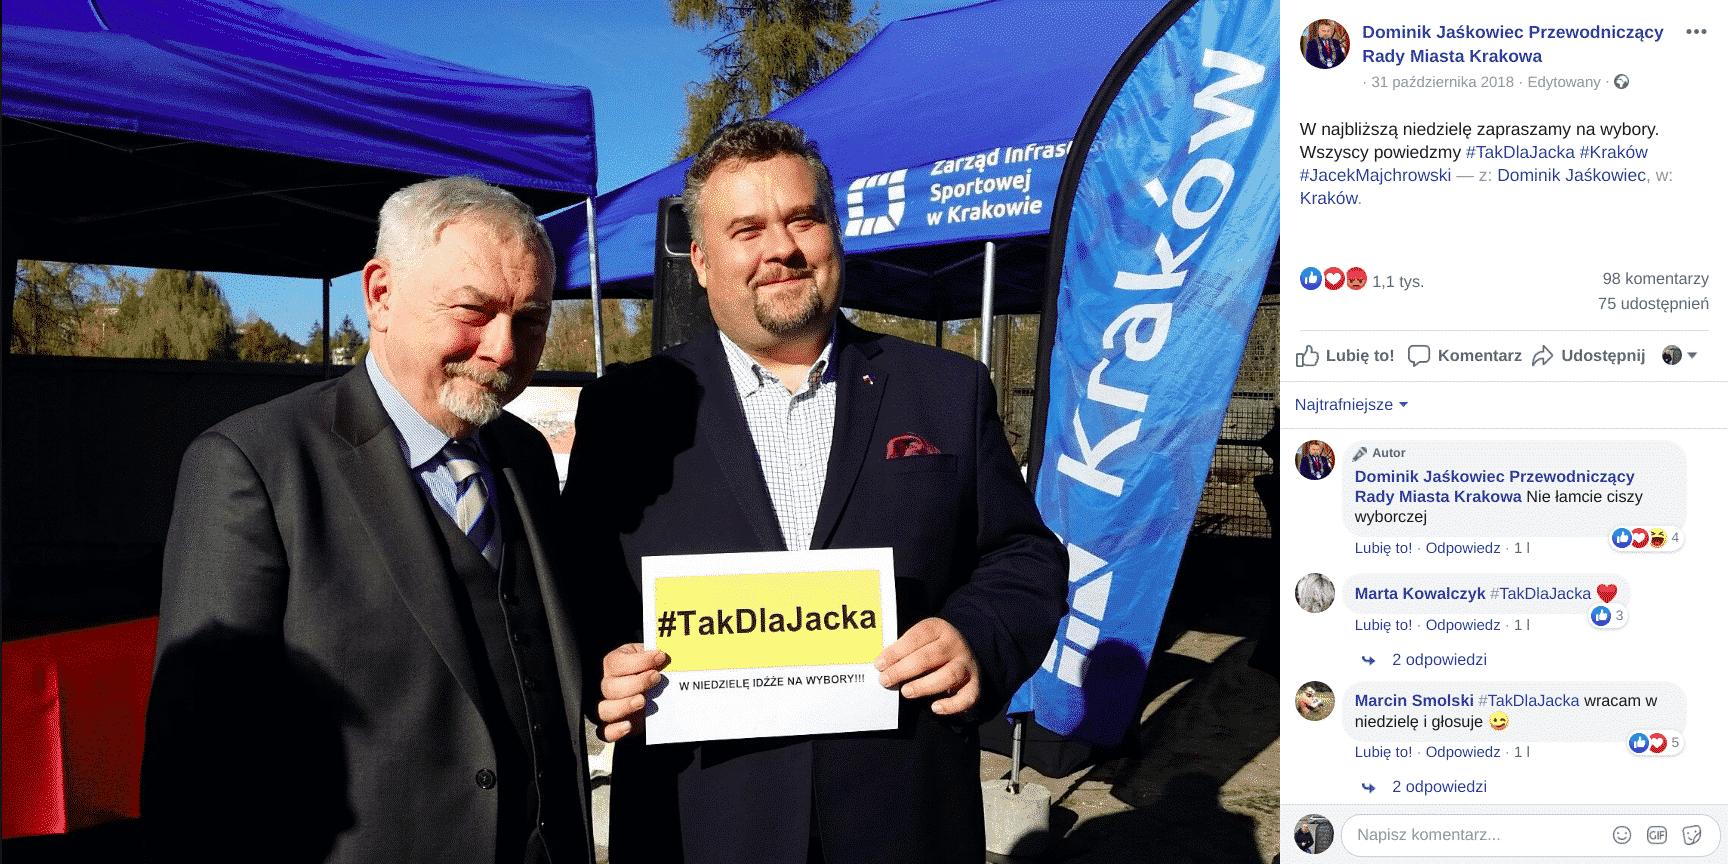 Zadowolony Dominik Jaśkowiec zachęca do głosowania na prezydenta Jacka Majchrowskiego. Fot. FB Dominika Jaśkowca.